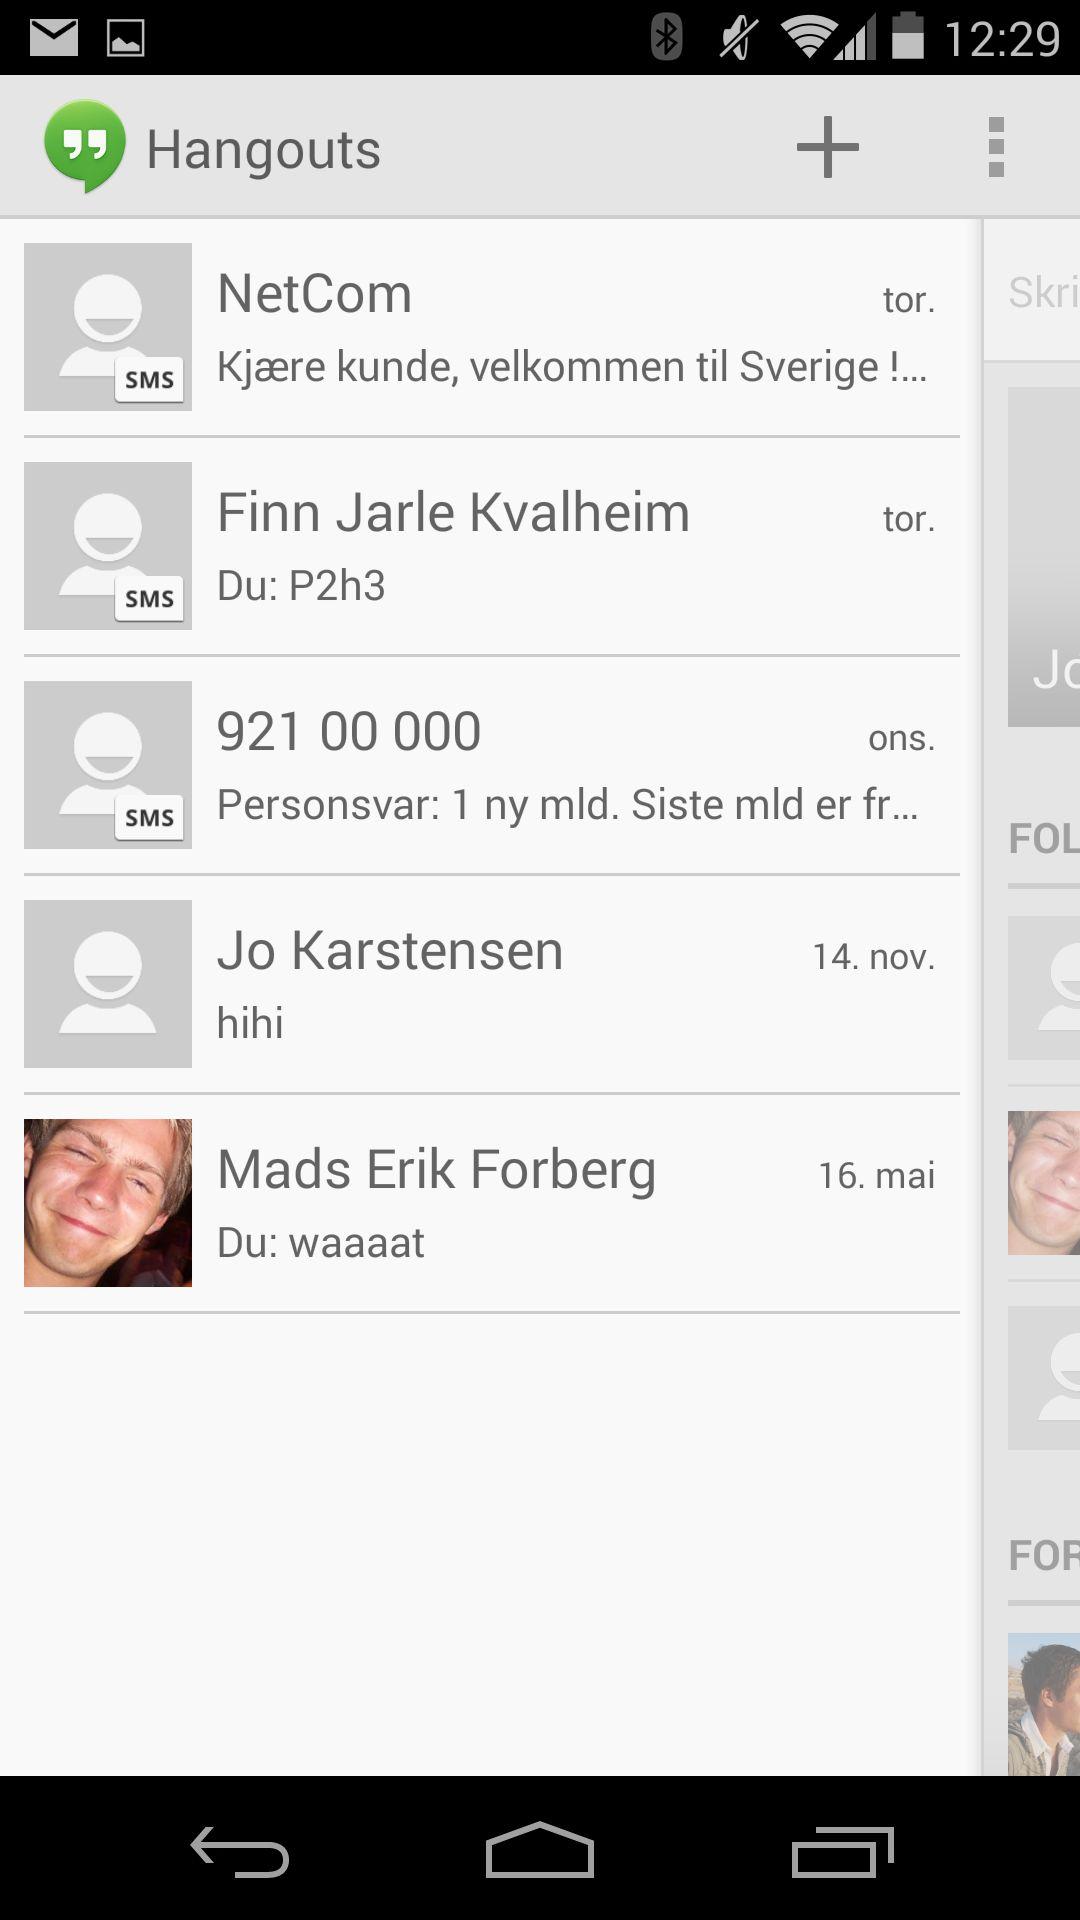 Hangouts samler lynmeldinger, meldinger til kretser på Google+, og SMS i en og samme app.Foto: Finn Jarle Kvalheim, Amobil.no